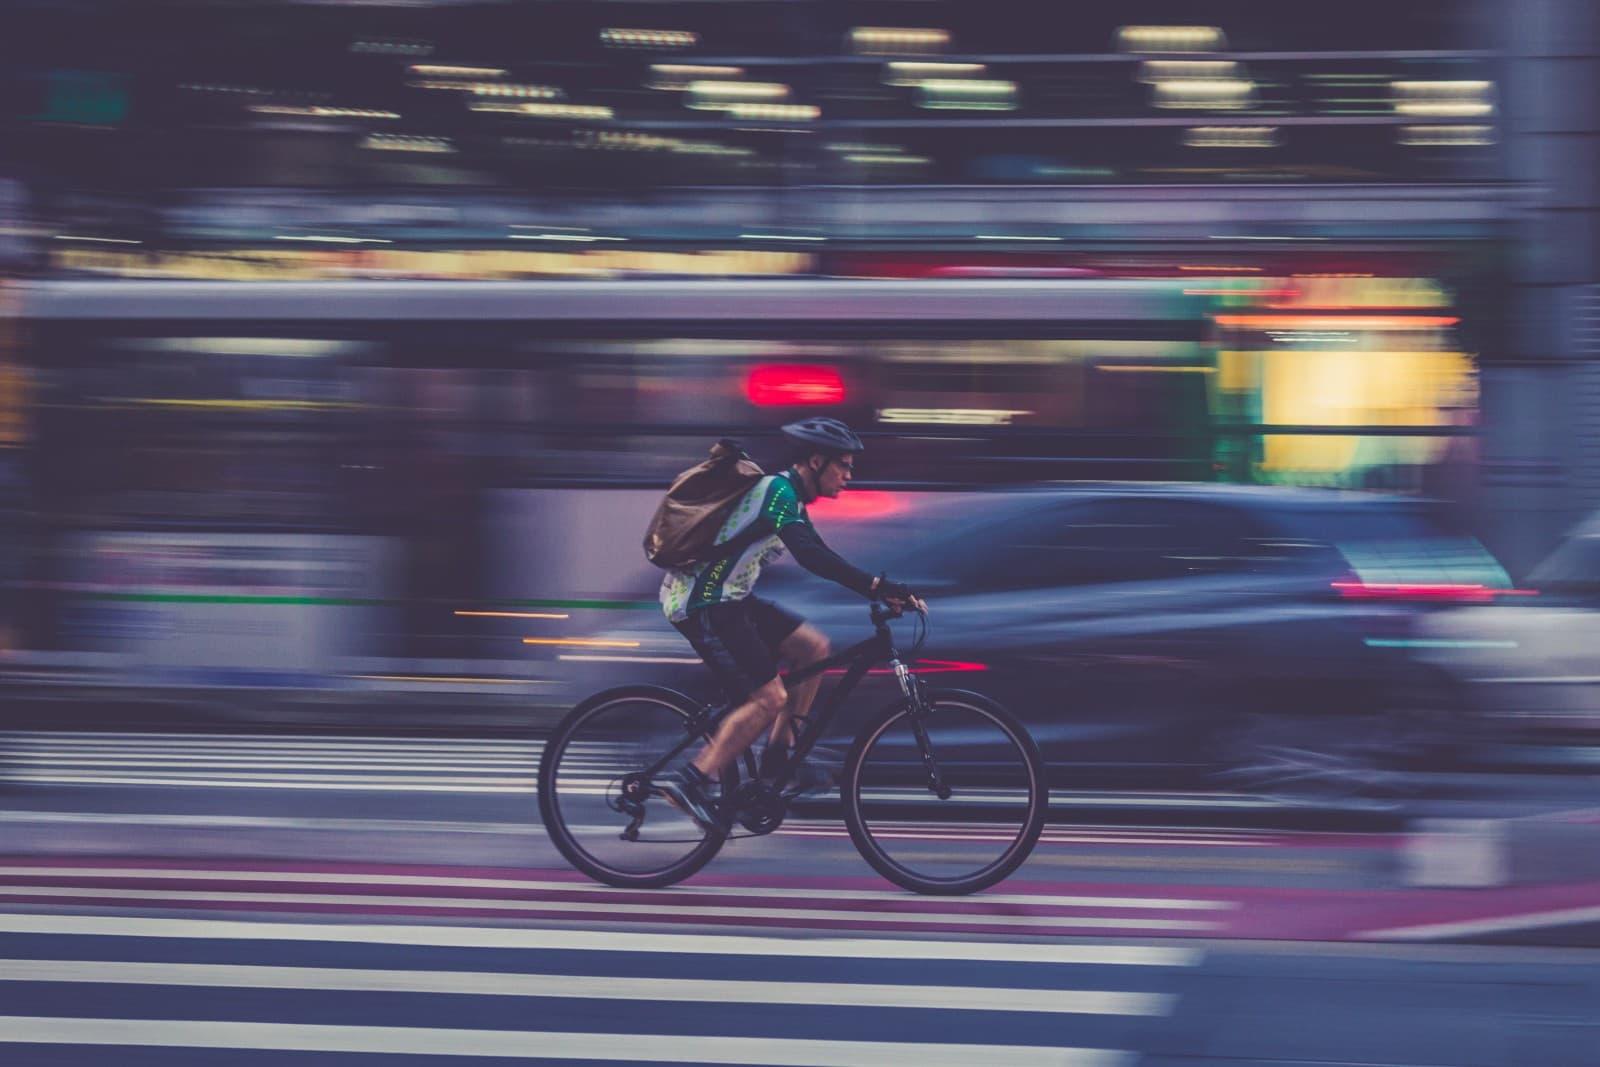 Kierowcy, rowerzyści - uśmiechnijcie się do siebie! Od tego zależy ludzkie życie